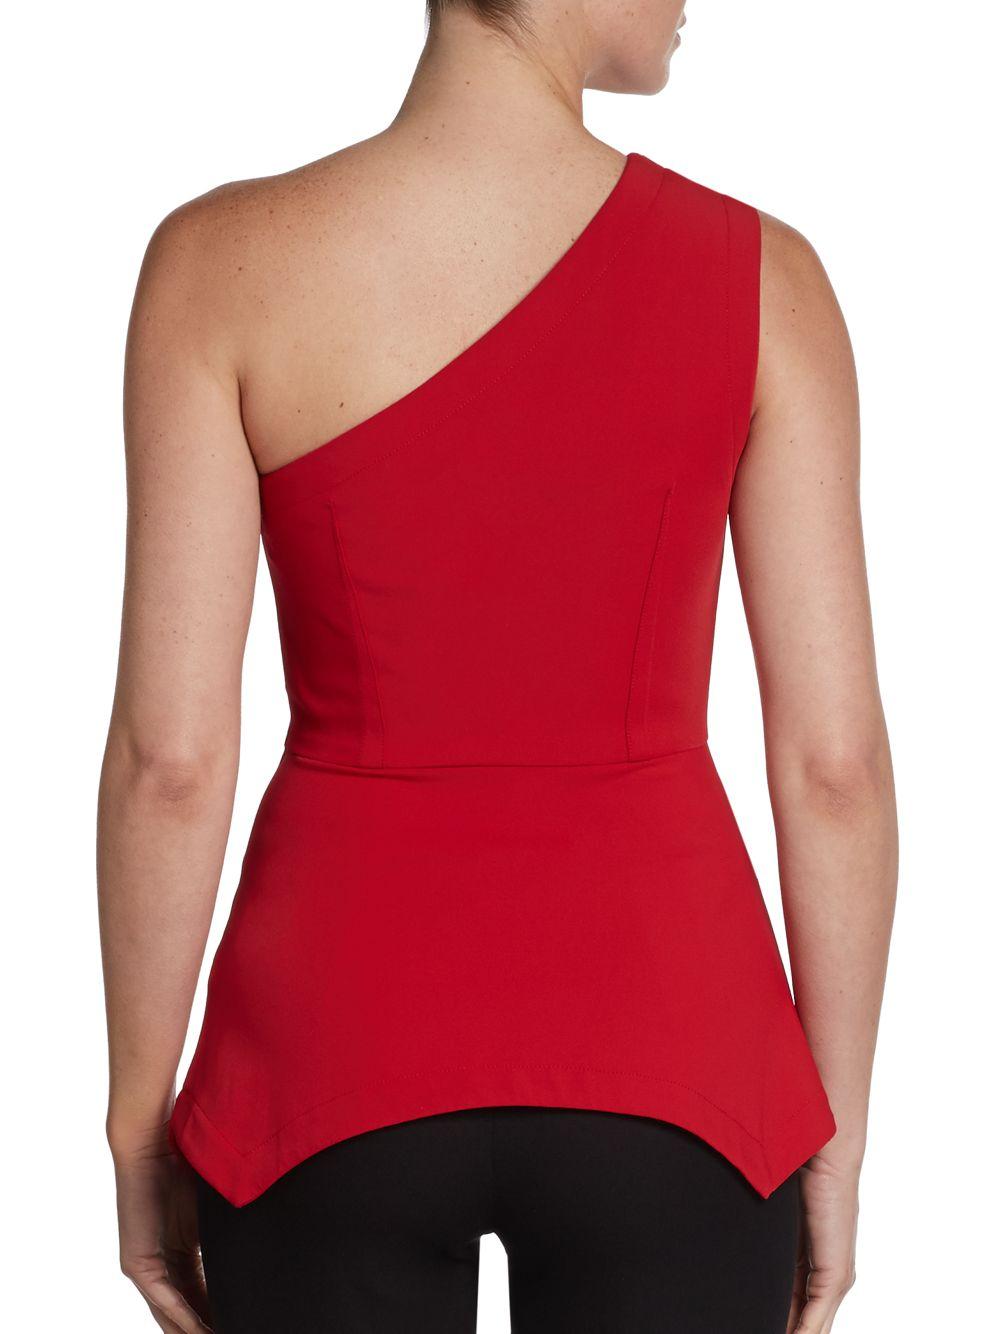 Red One Shoulder Peplum Top